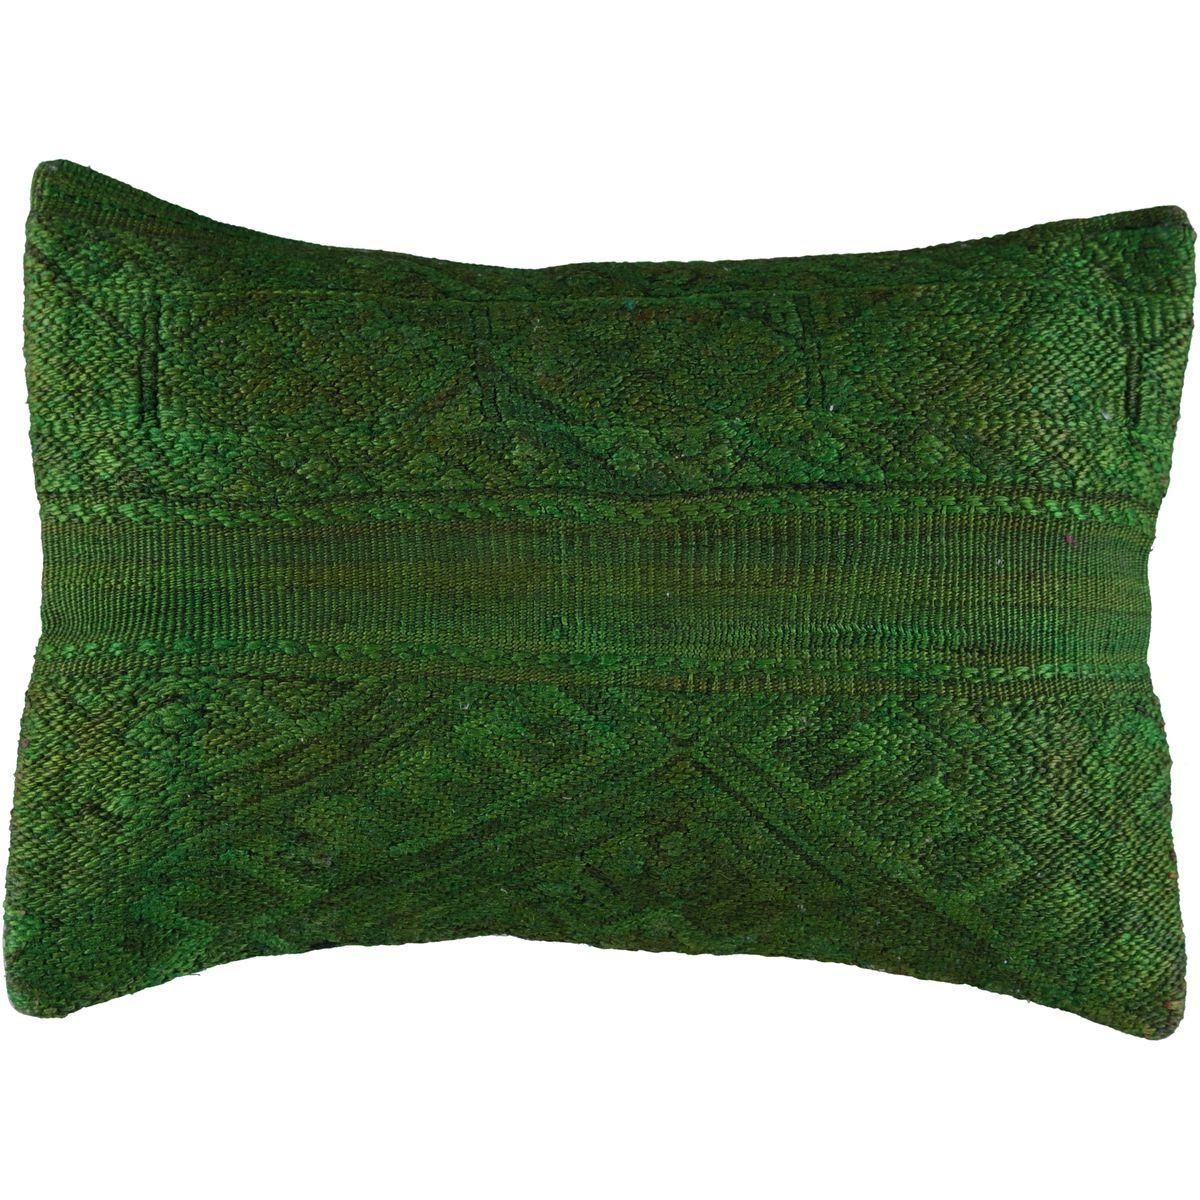 Cushion Cover / Carpet 26